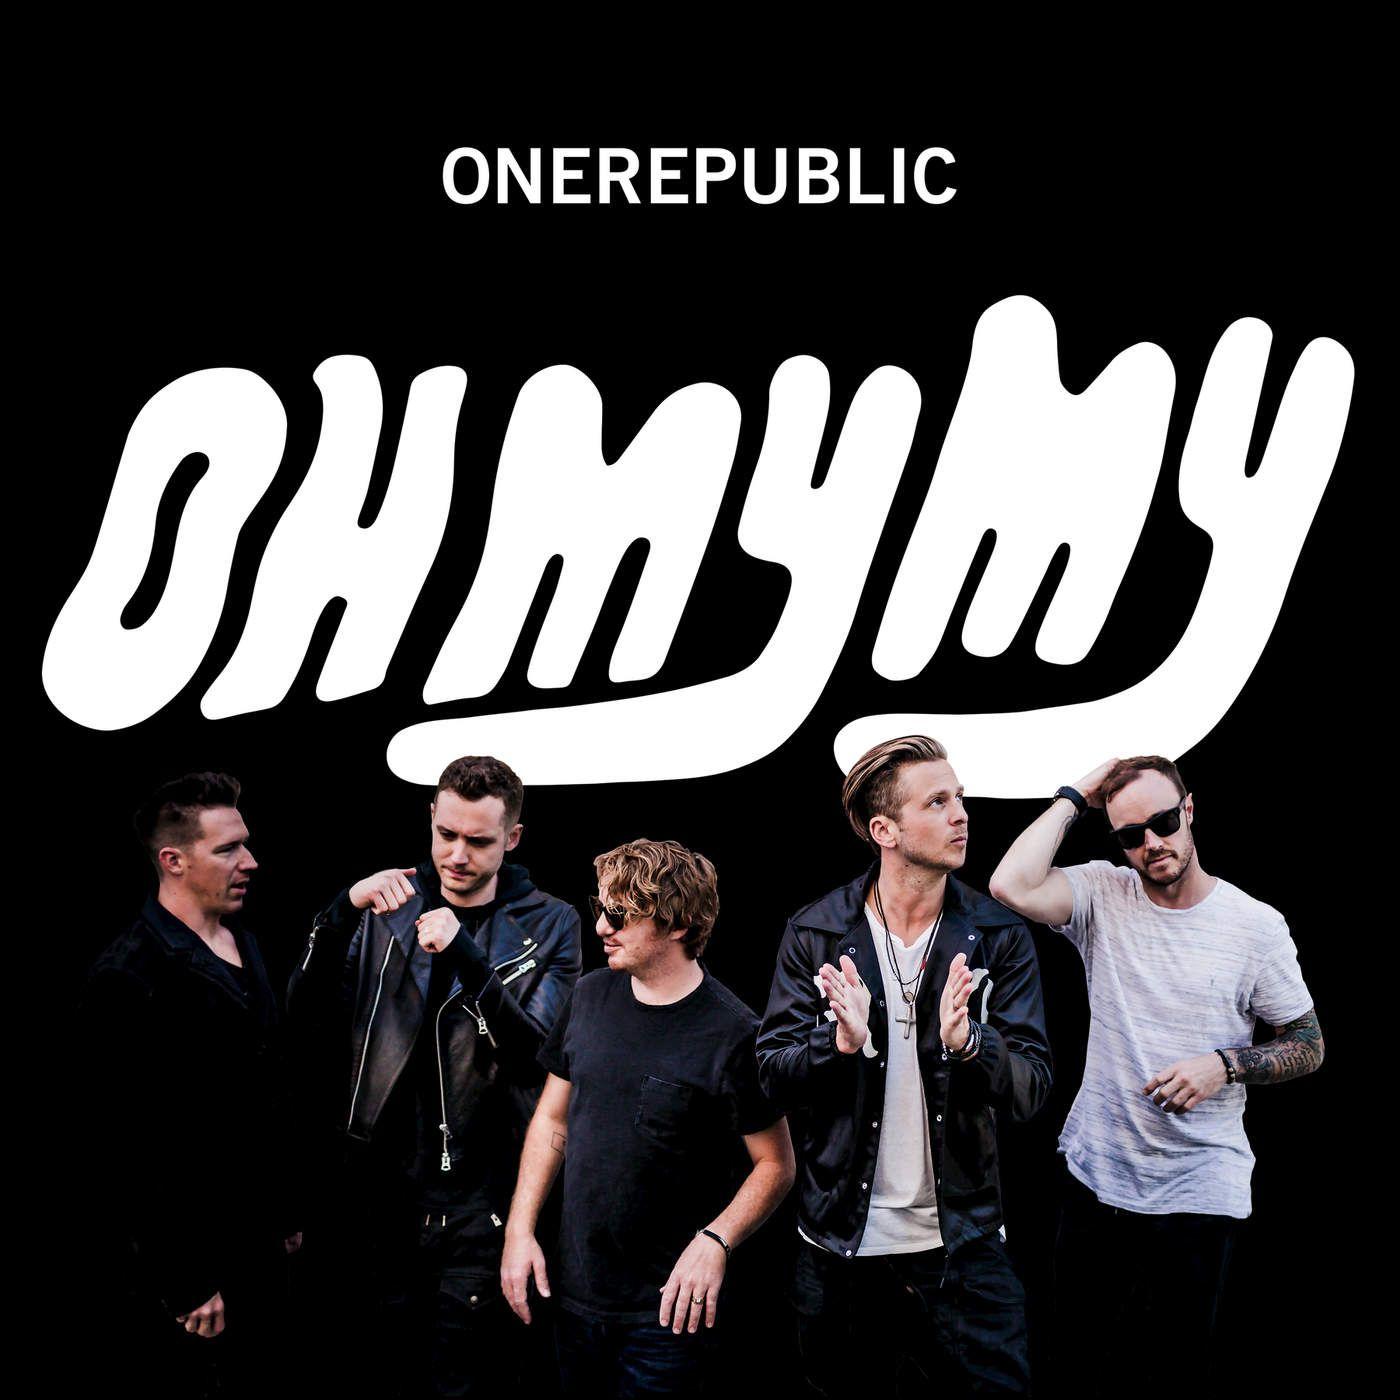 OneRepublic - Oh My My album cover